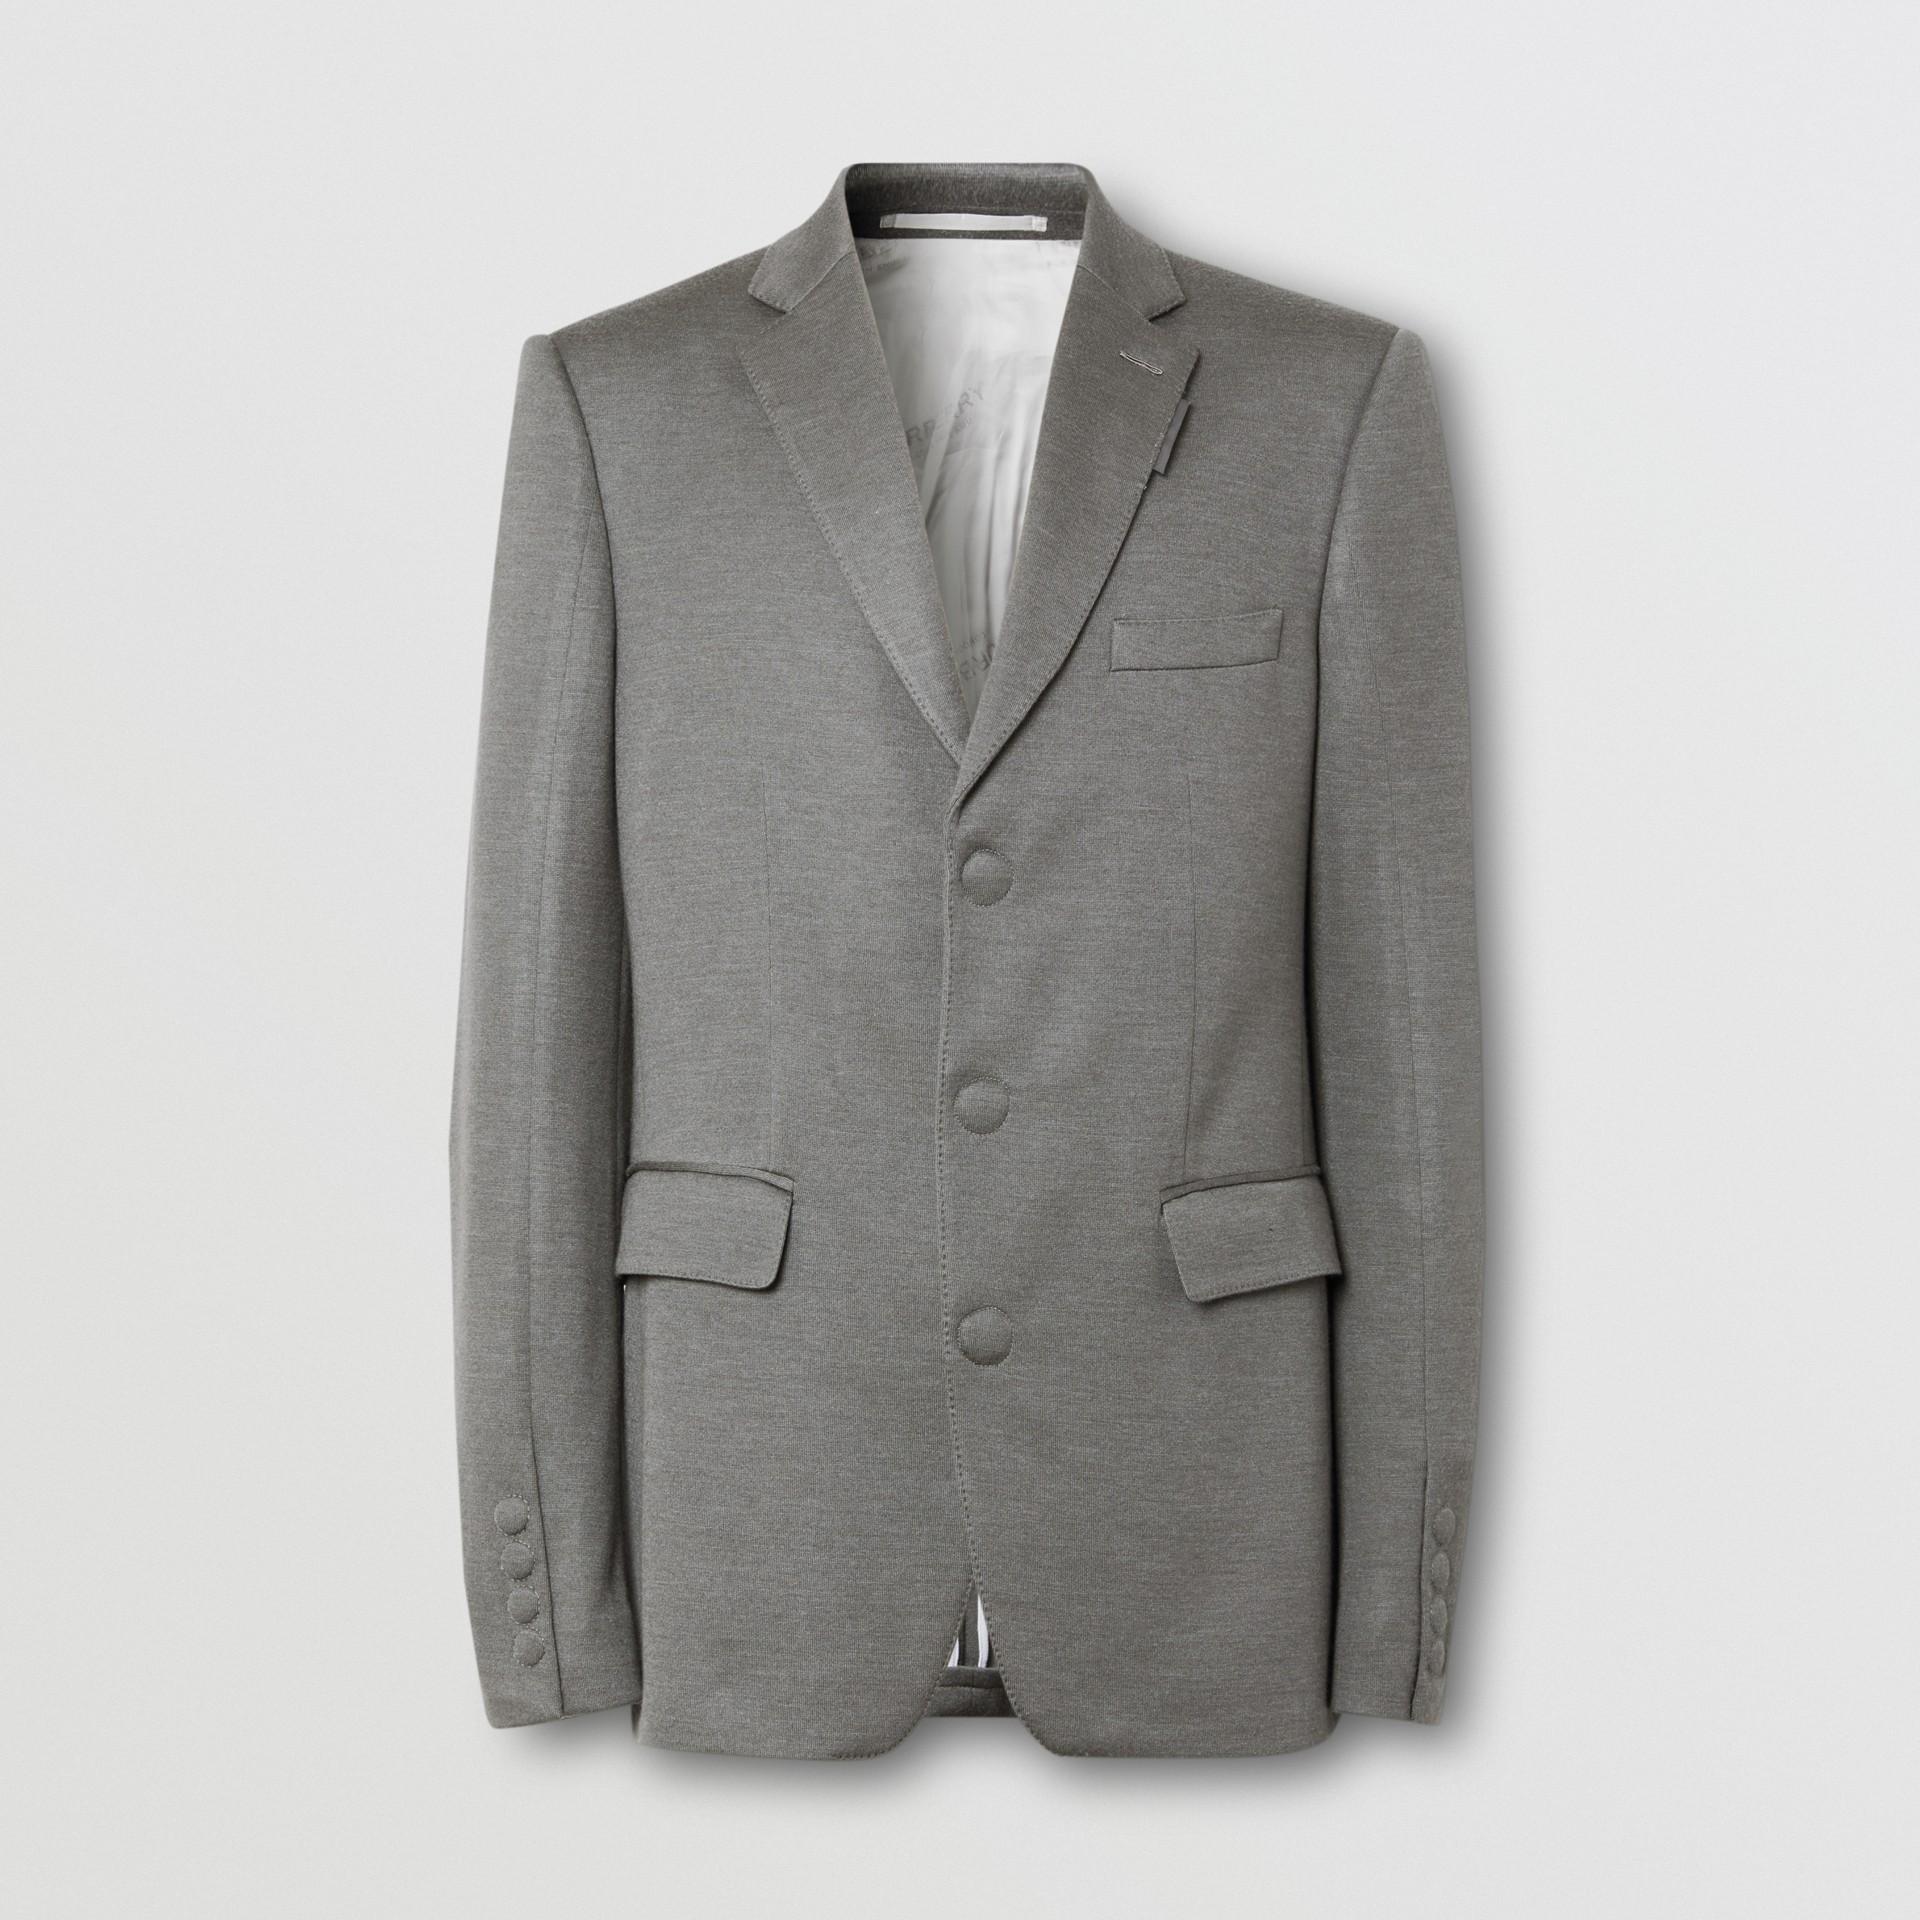 イングリッシュフィット カシミアシルクジャージー テーラードジャケット (クラウドグレー) | バーバリー - ギャラリーイメージ 3